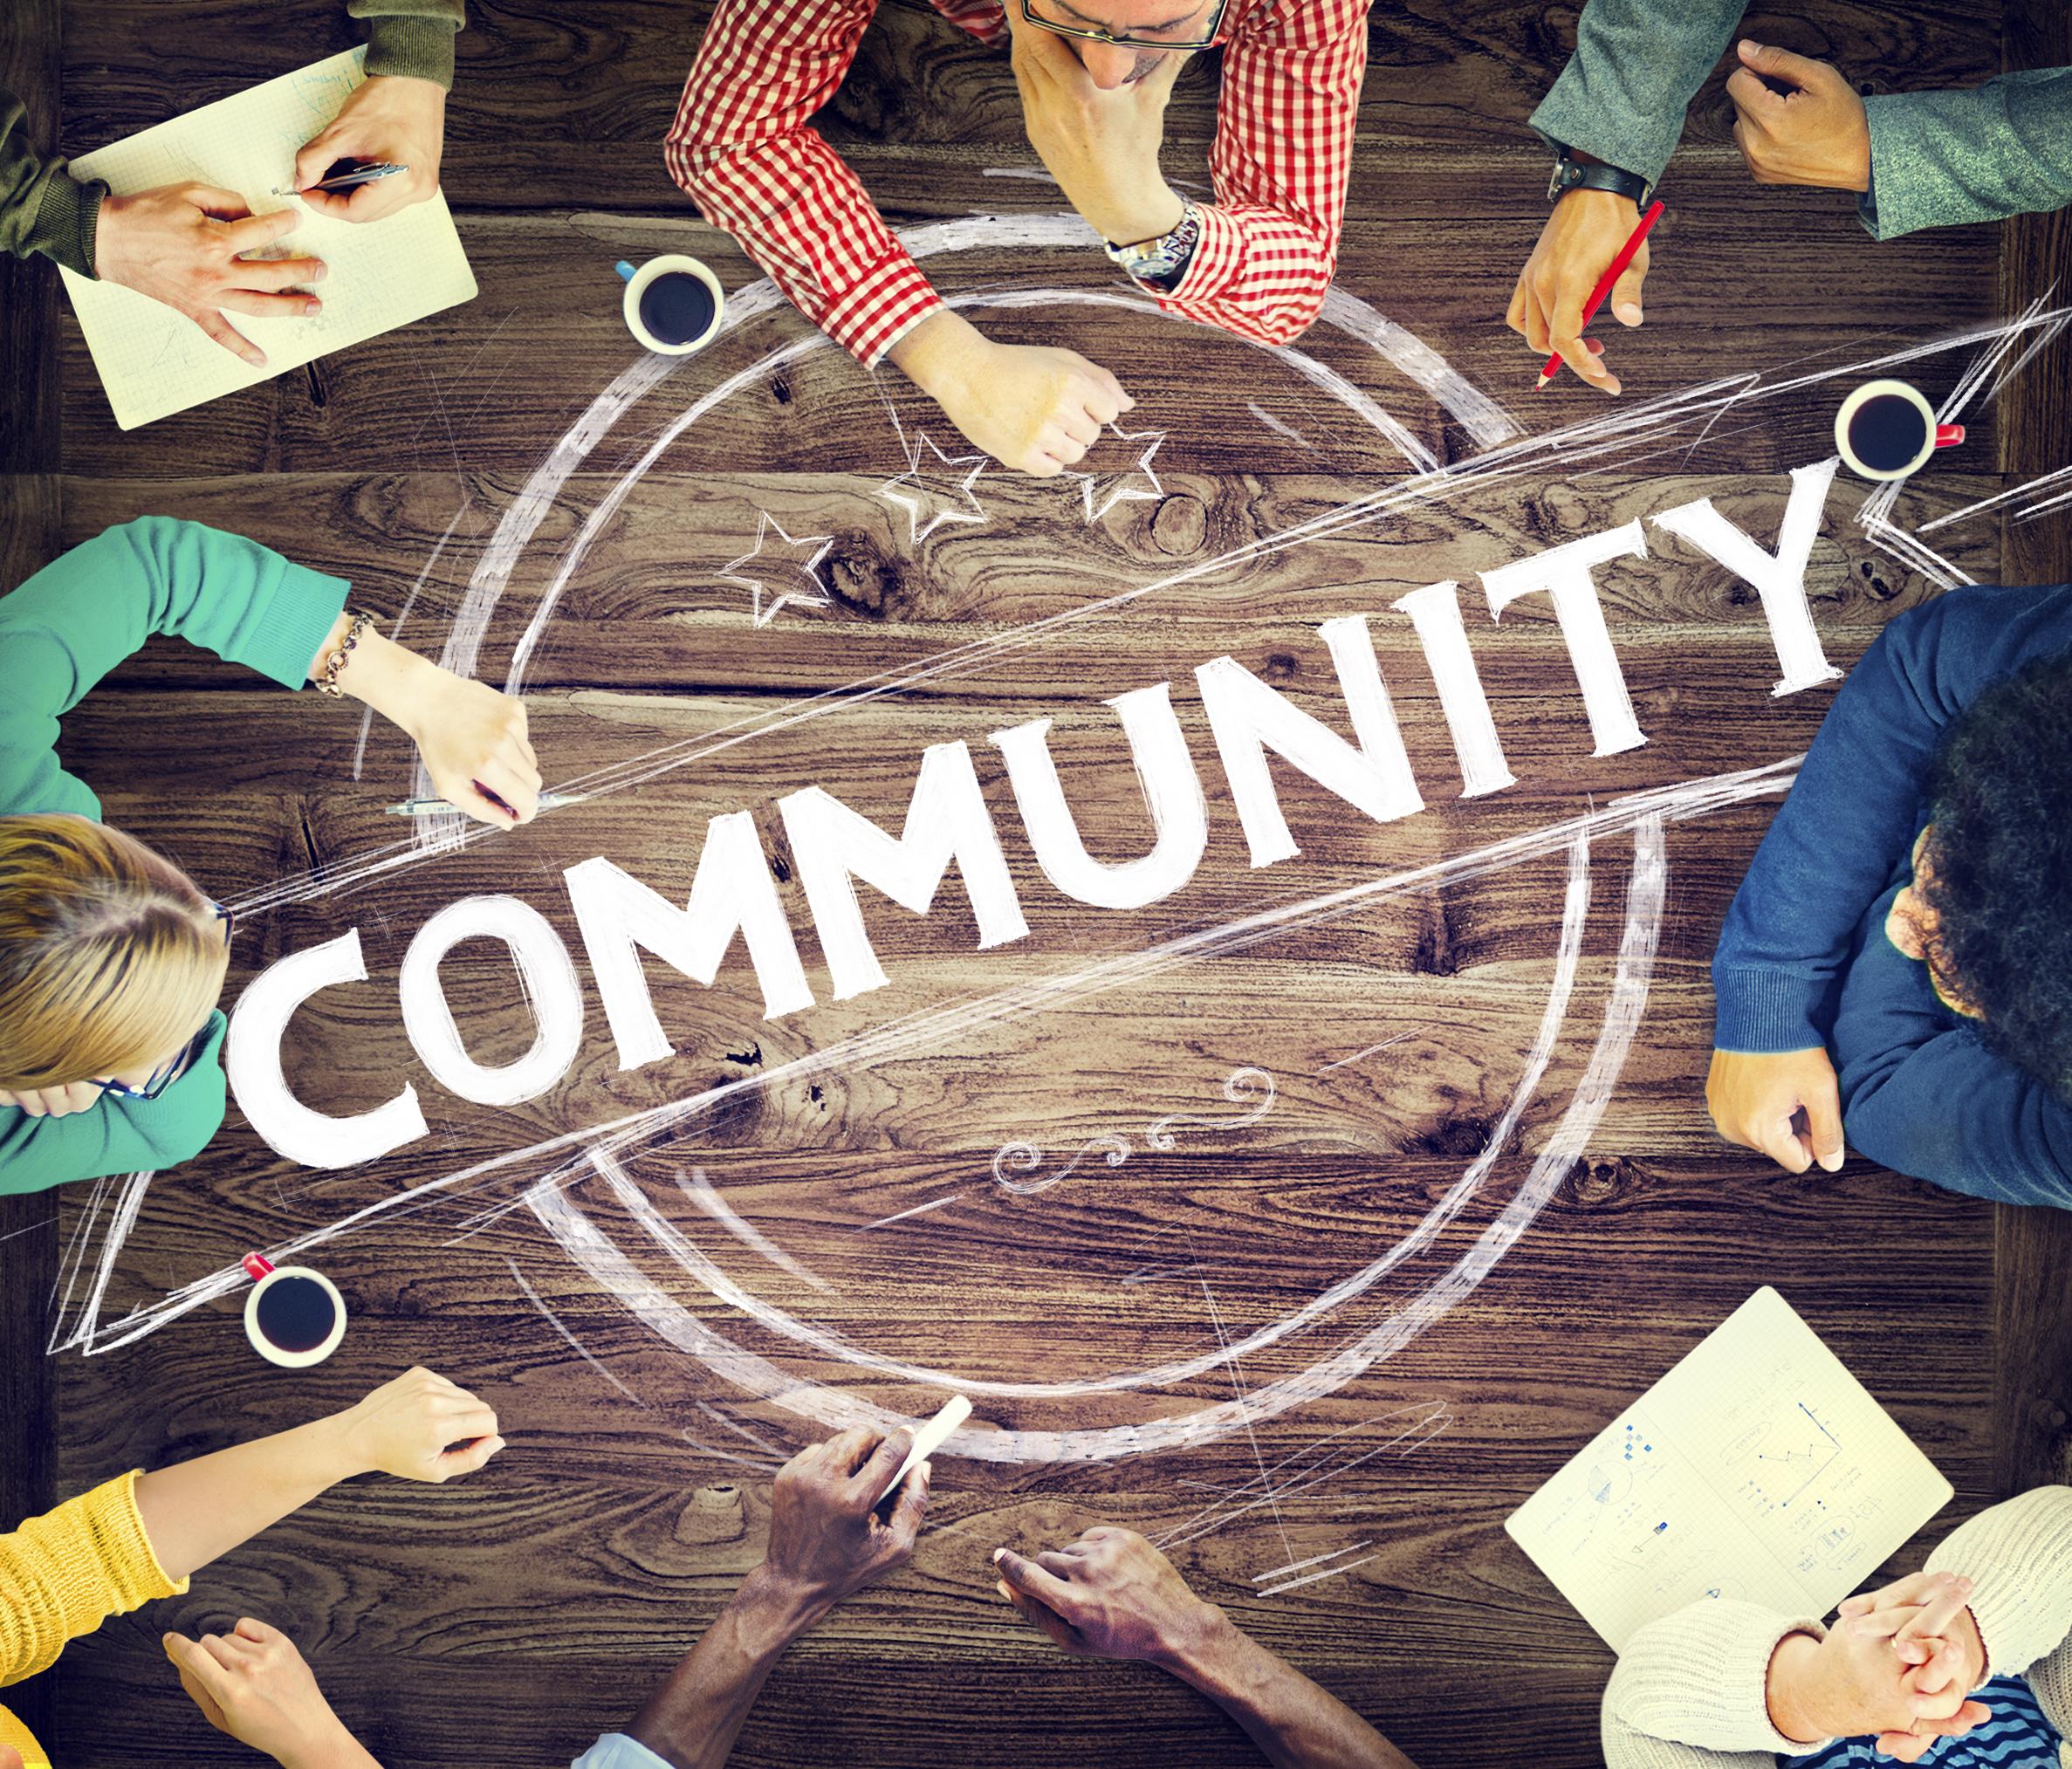 Community-Citizen-Diversity-Connection-Communication-Concept-000070256207_Medium.jpg